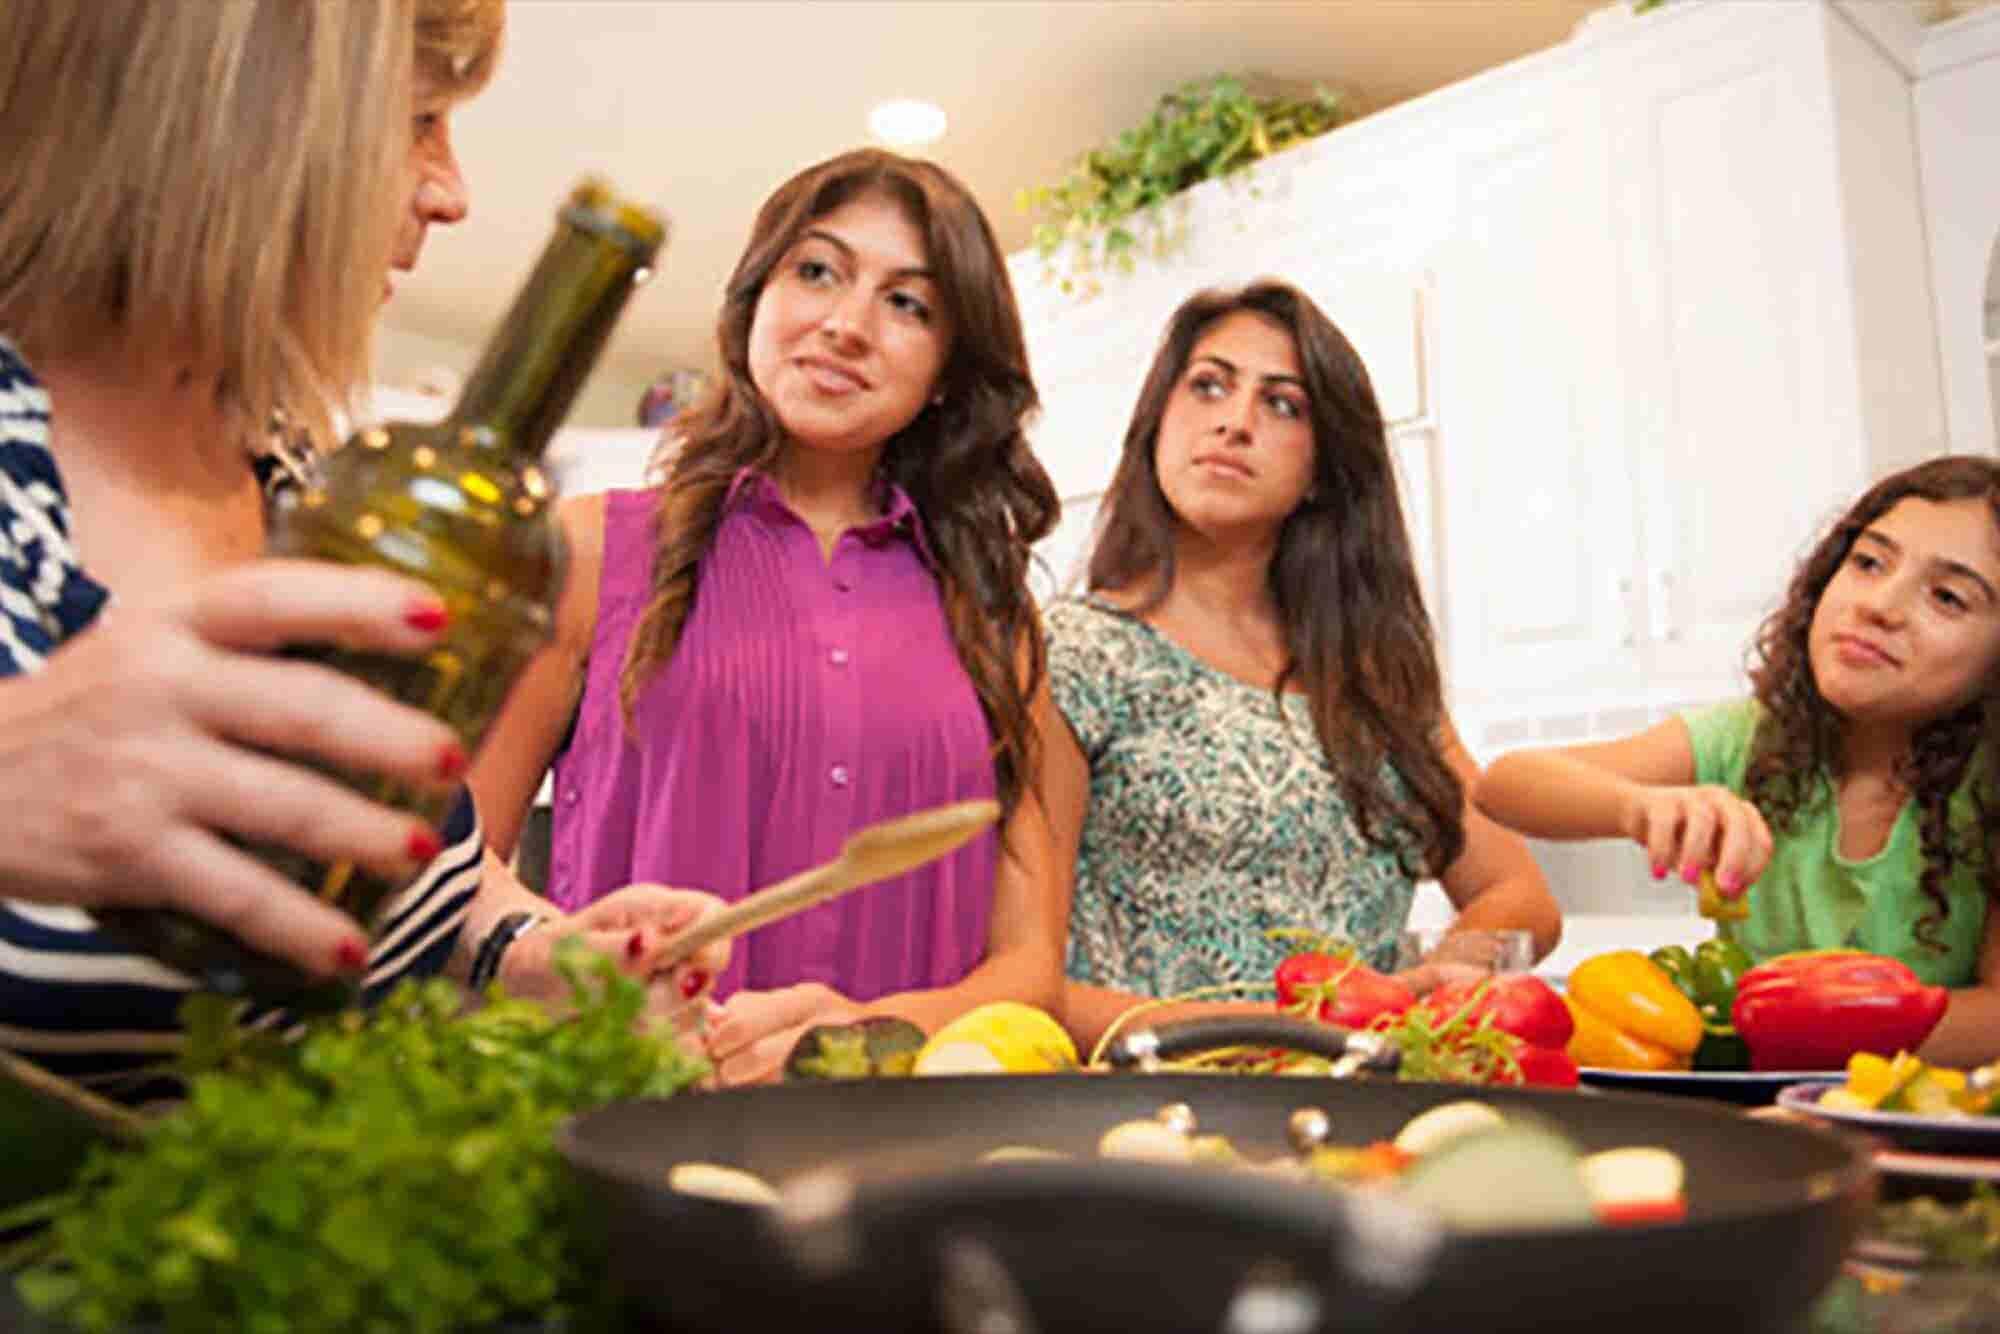 Clases de cocina para principiantes